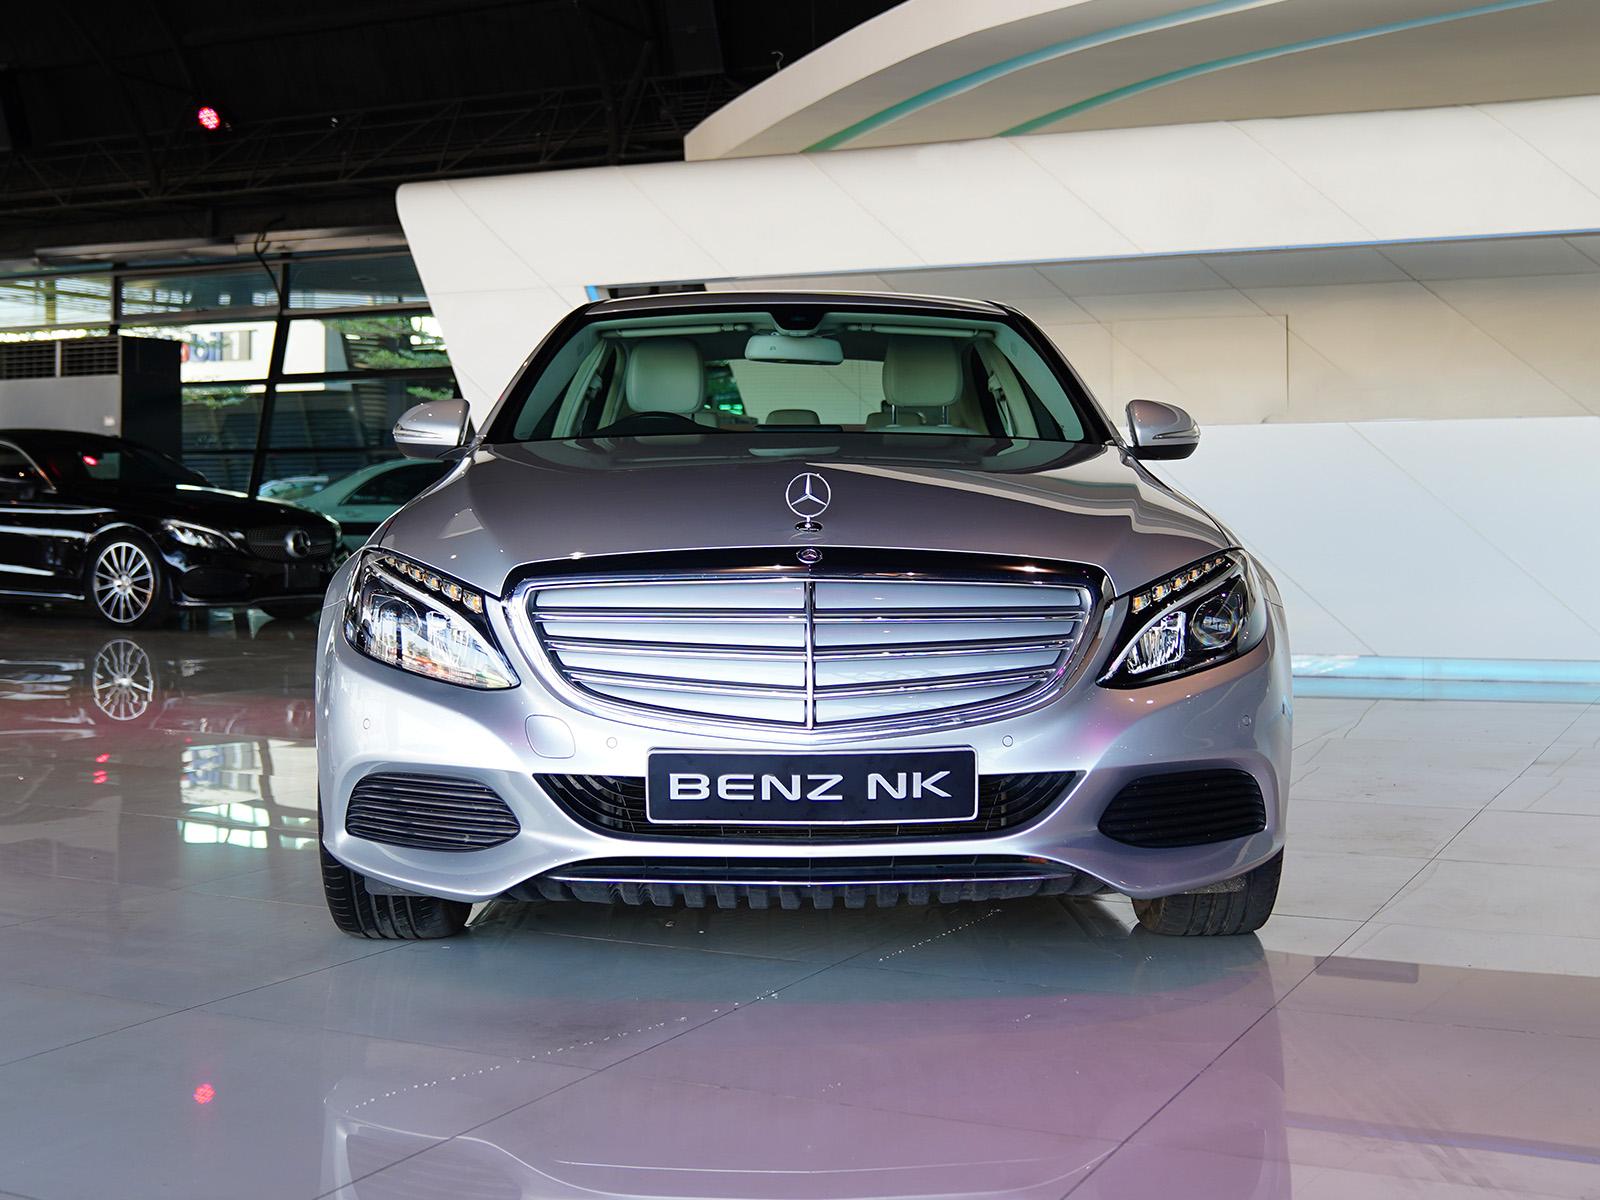 benz nk mercedes benz c class new c180 cgi sedan w205. Black Bedroom Furniture Sets. Home Design Ideas